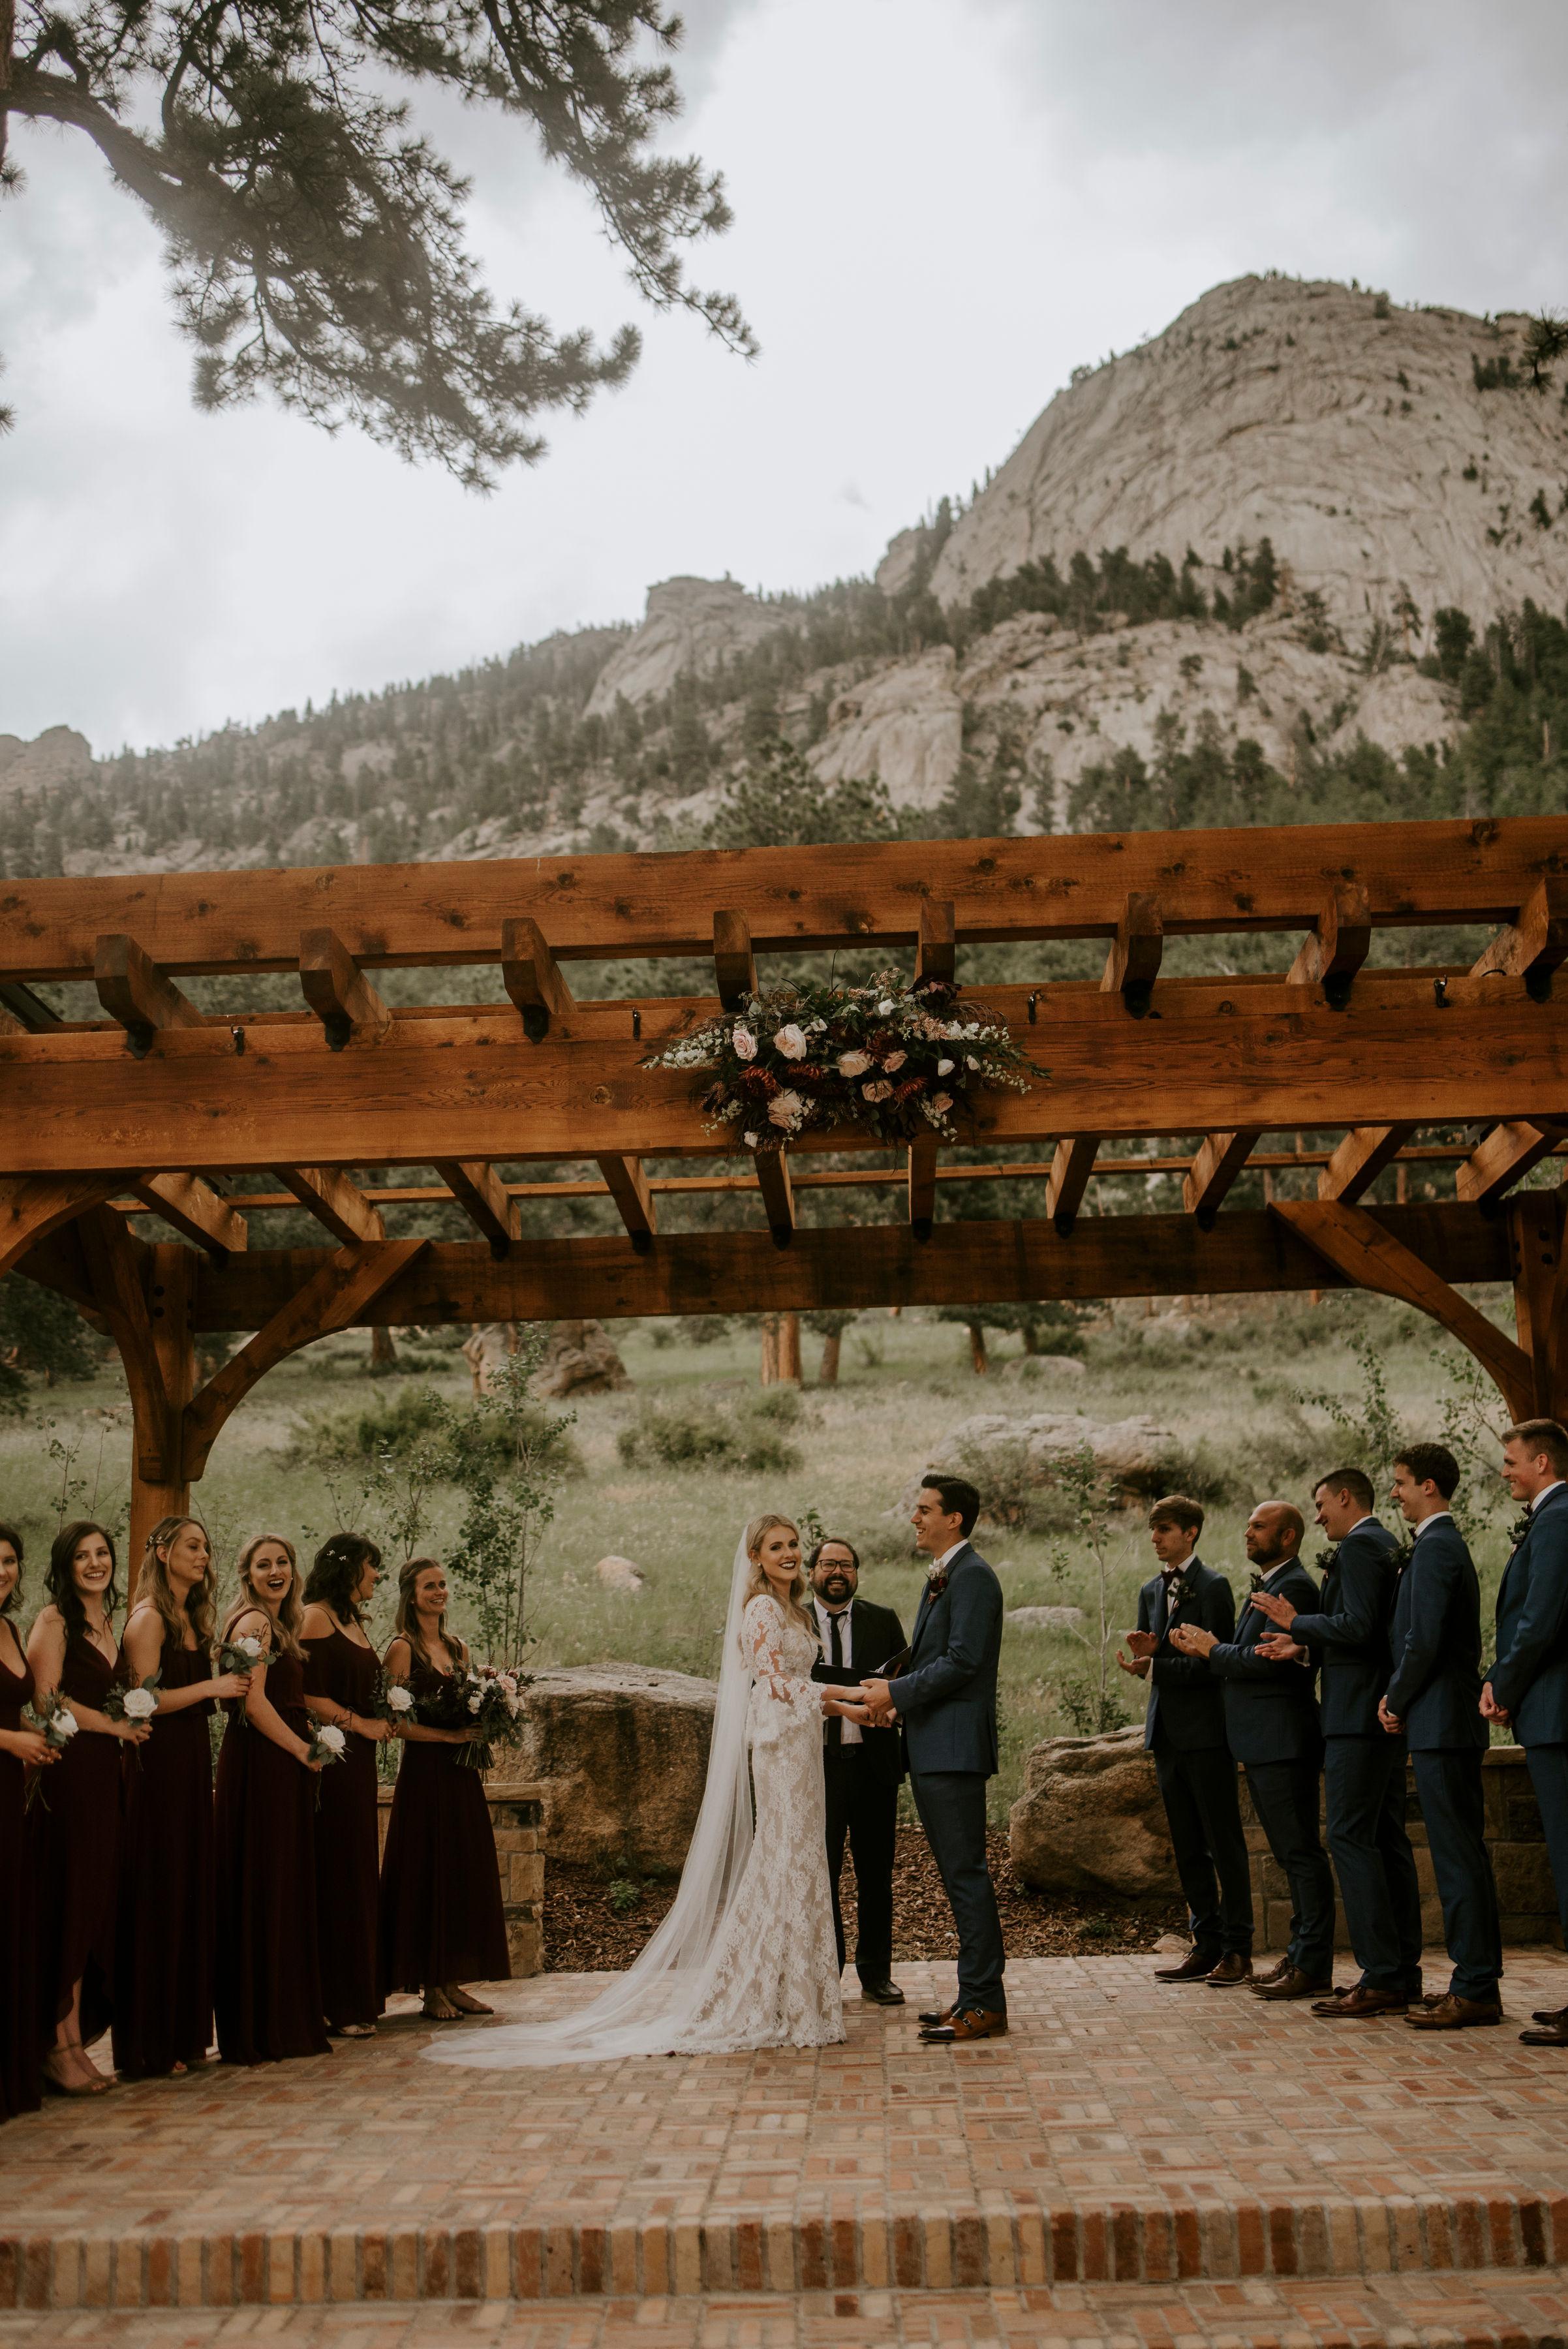 della_terra_chateau_wedding_photographer16.jpg